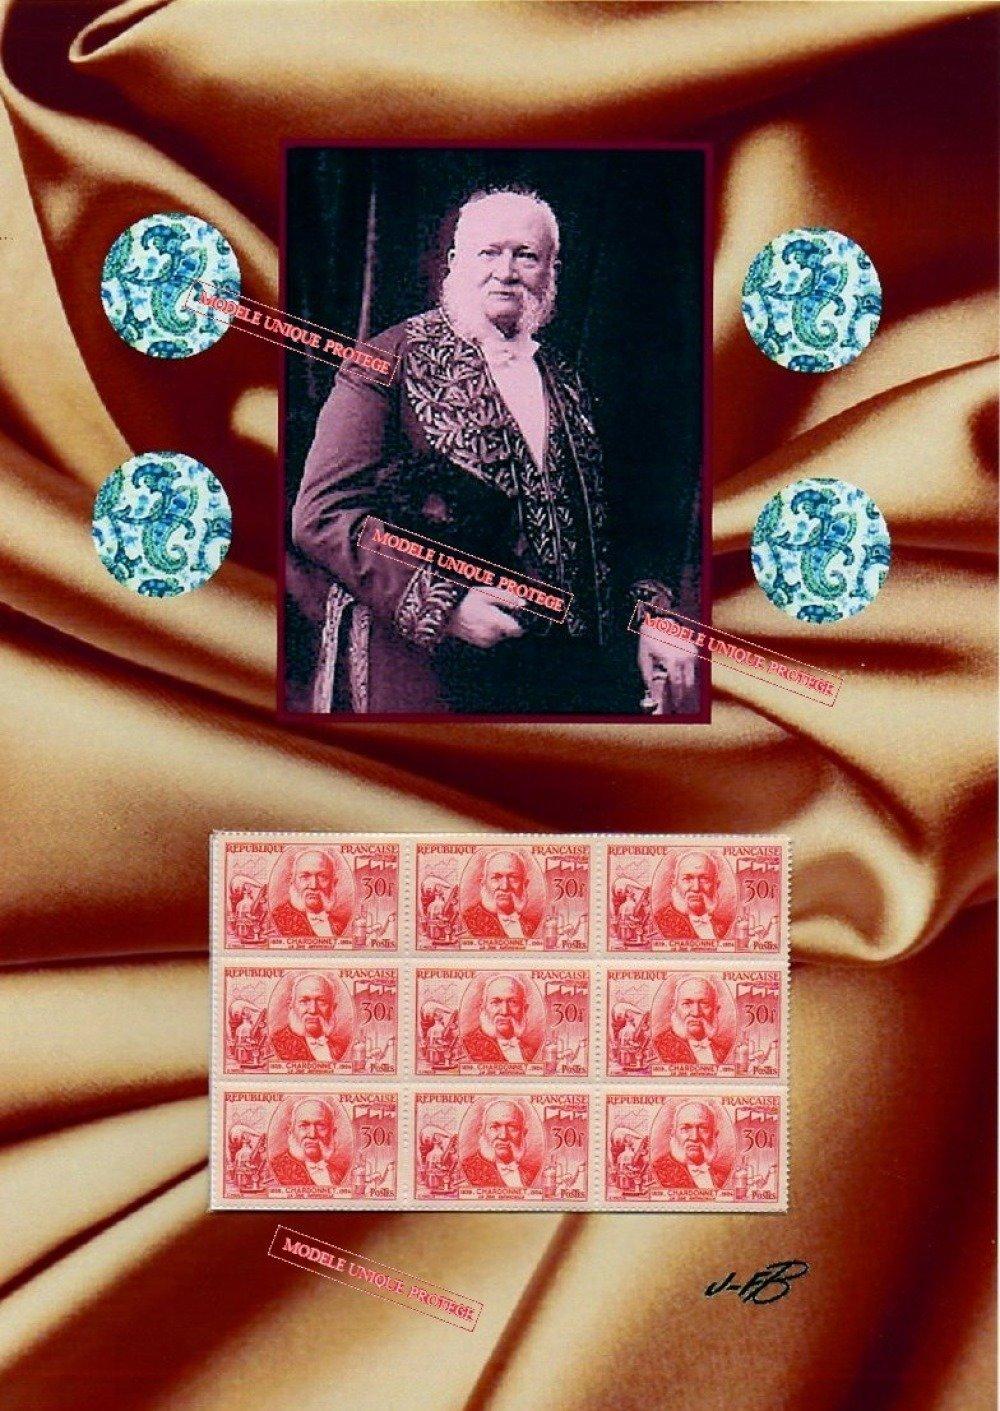 Comte de Chardonnet, Louis-Maurice-Hilaire de Bernigaud, Inventeur de la soie artificielle, timbres vintage, montage photo, art numérique